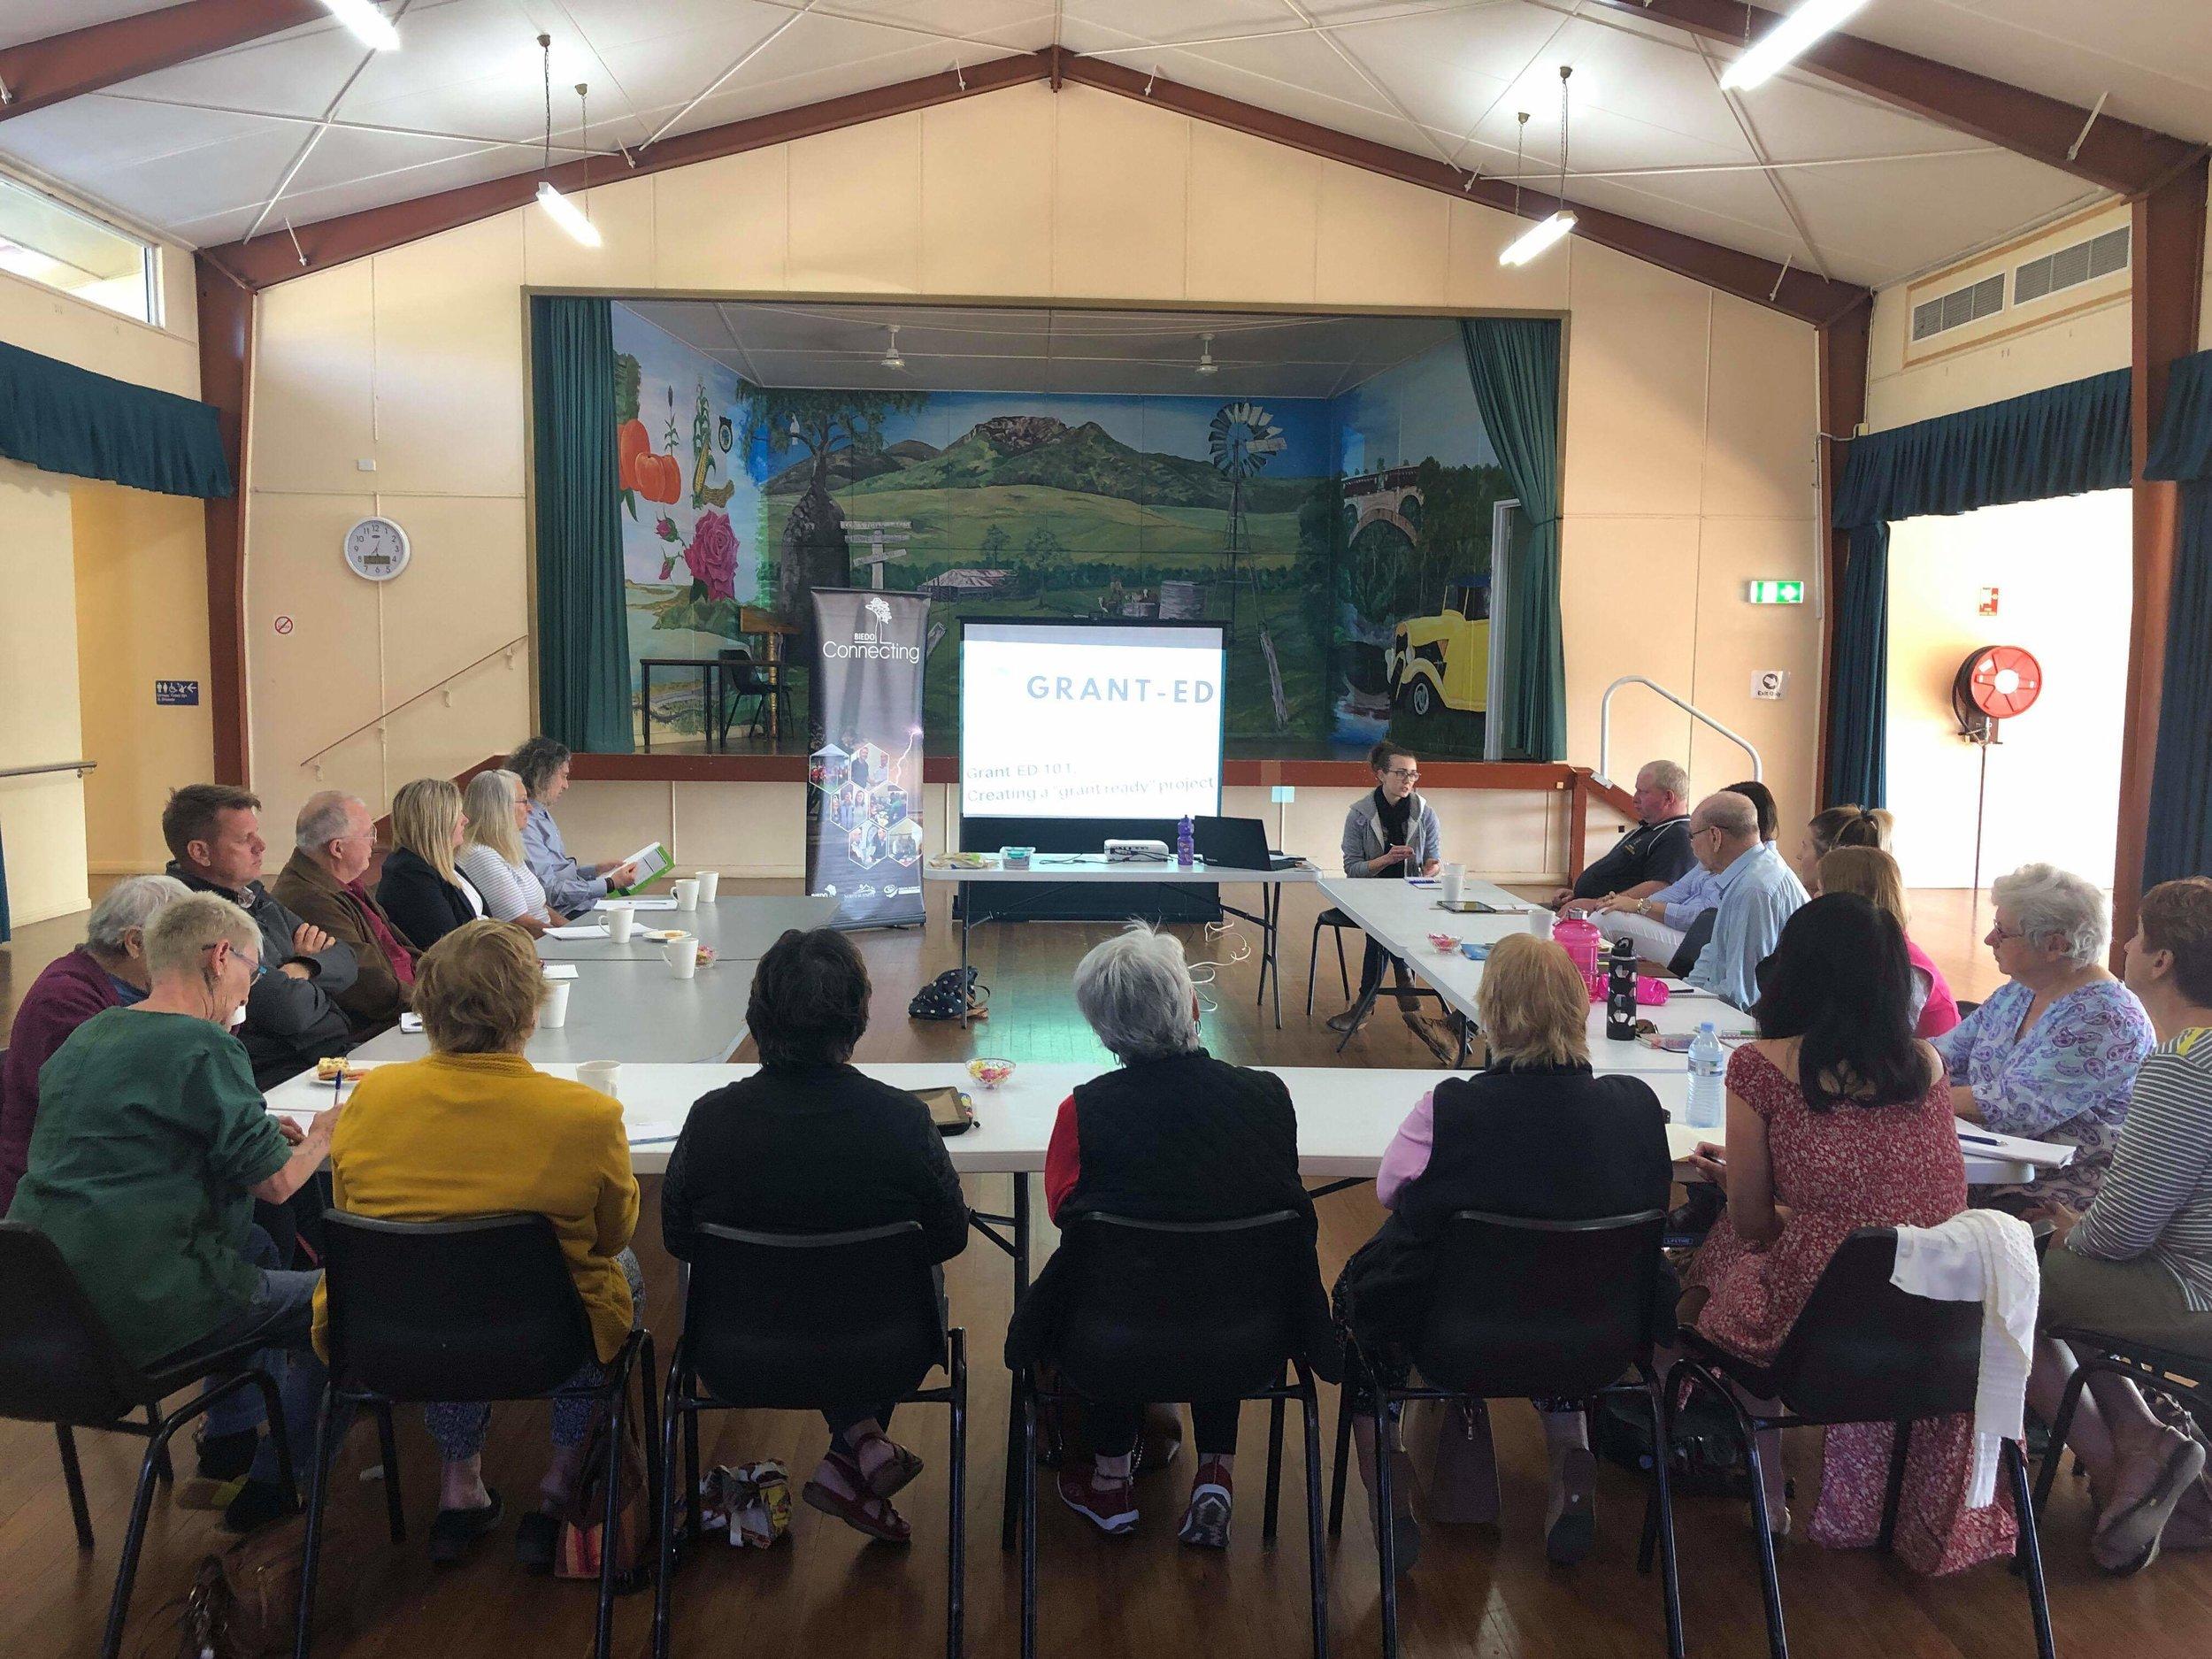 Image: Facilitating the Grant-ED 101 workshop in Biggenden on 31st July. Image courtesy of BIEDO